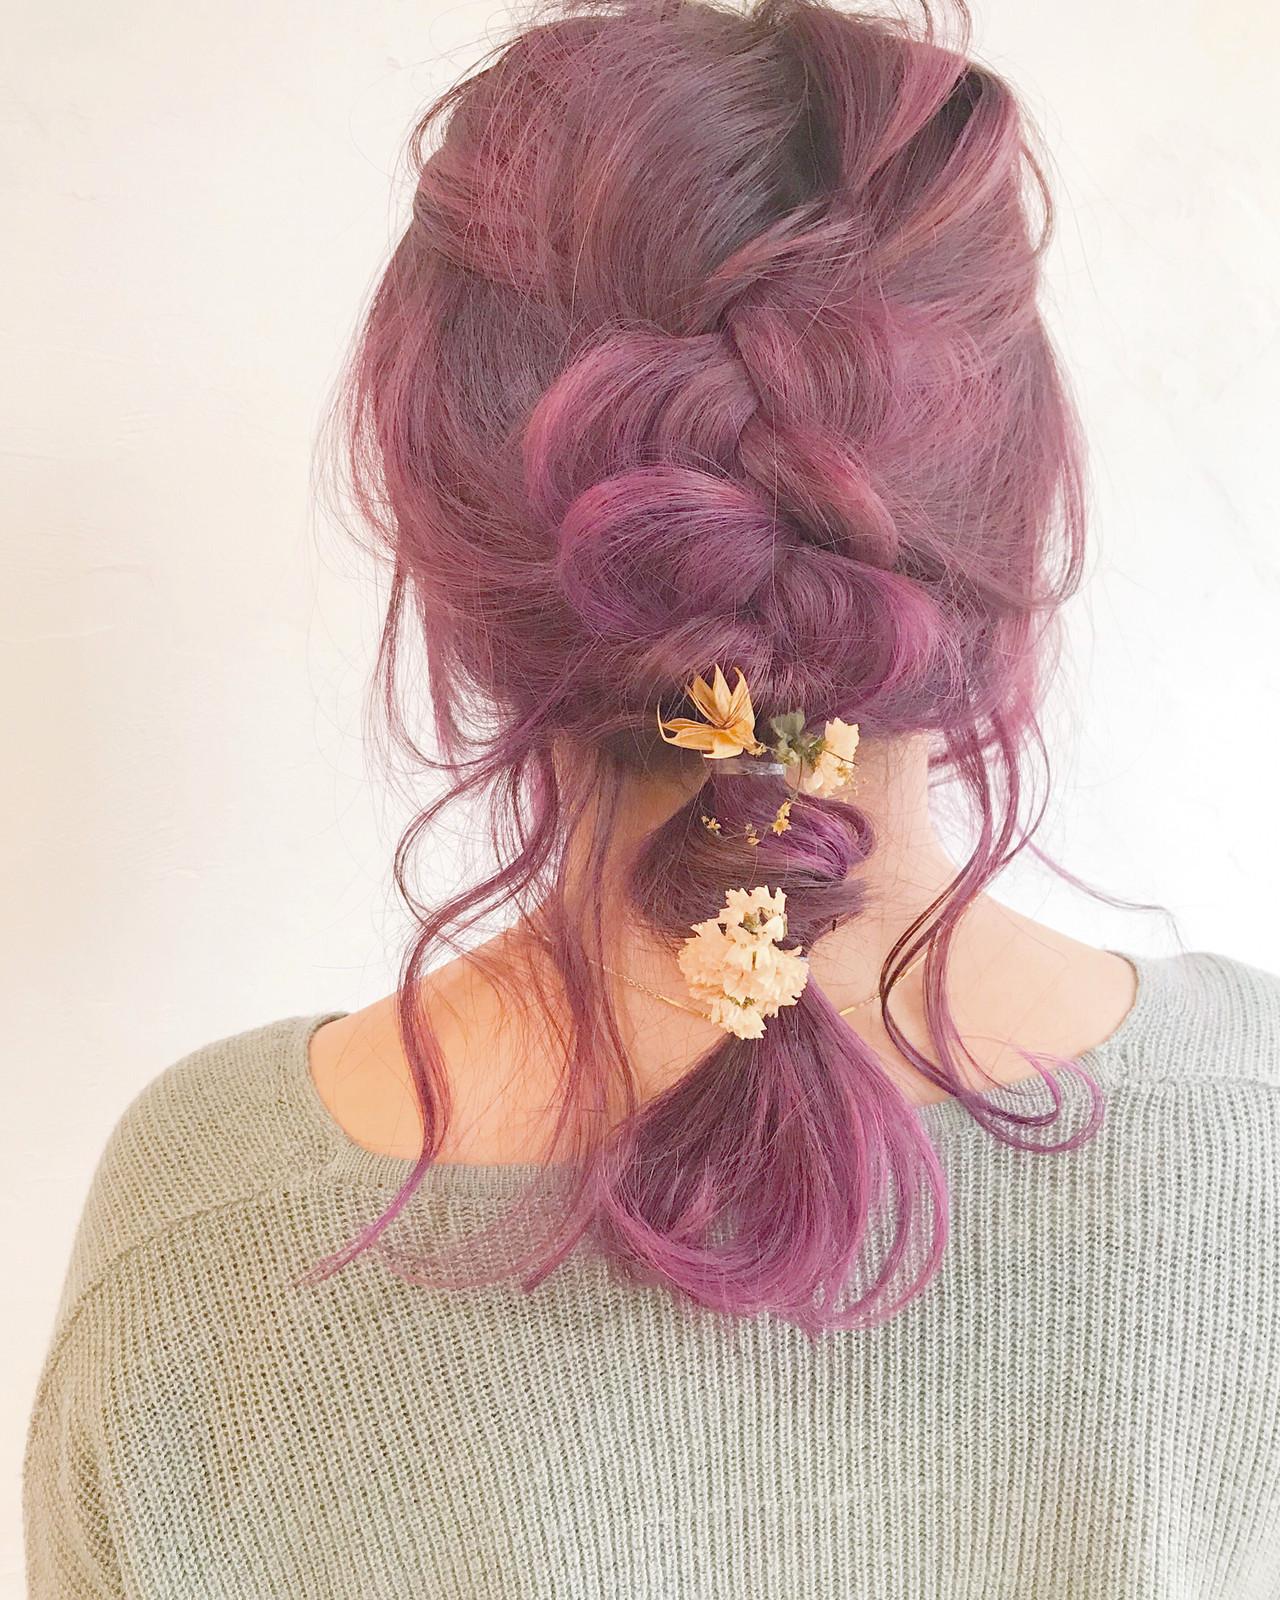 アンニュイほつれヘア 結婚式 簡単ヘアアレンジ ヘアアレンジ ヘアスタイルや髪型の写真・画像